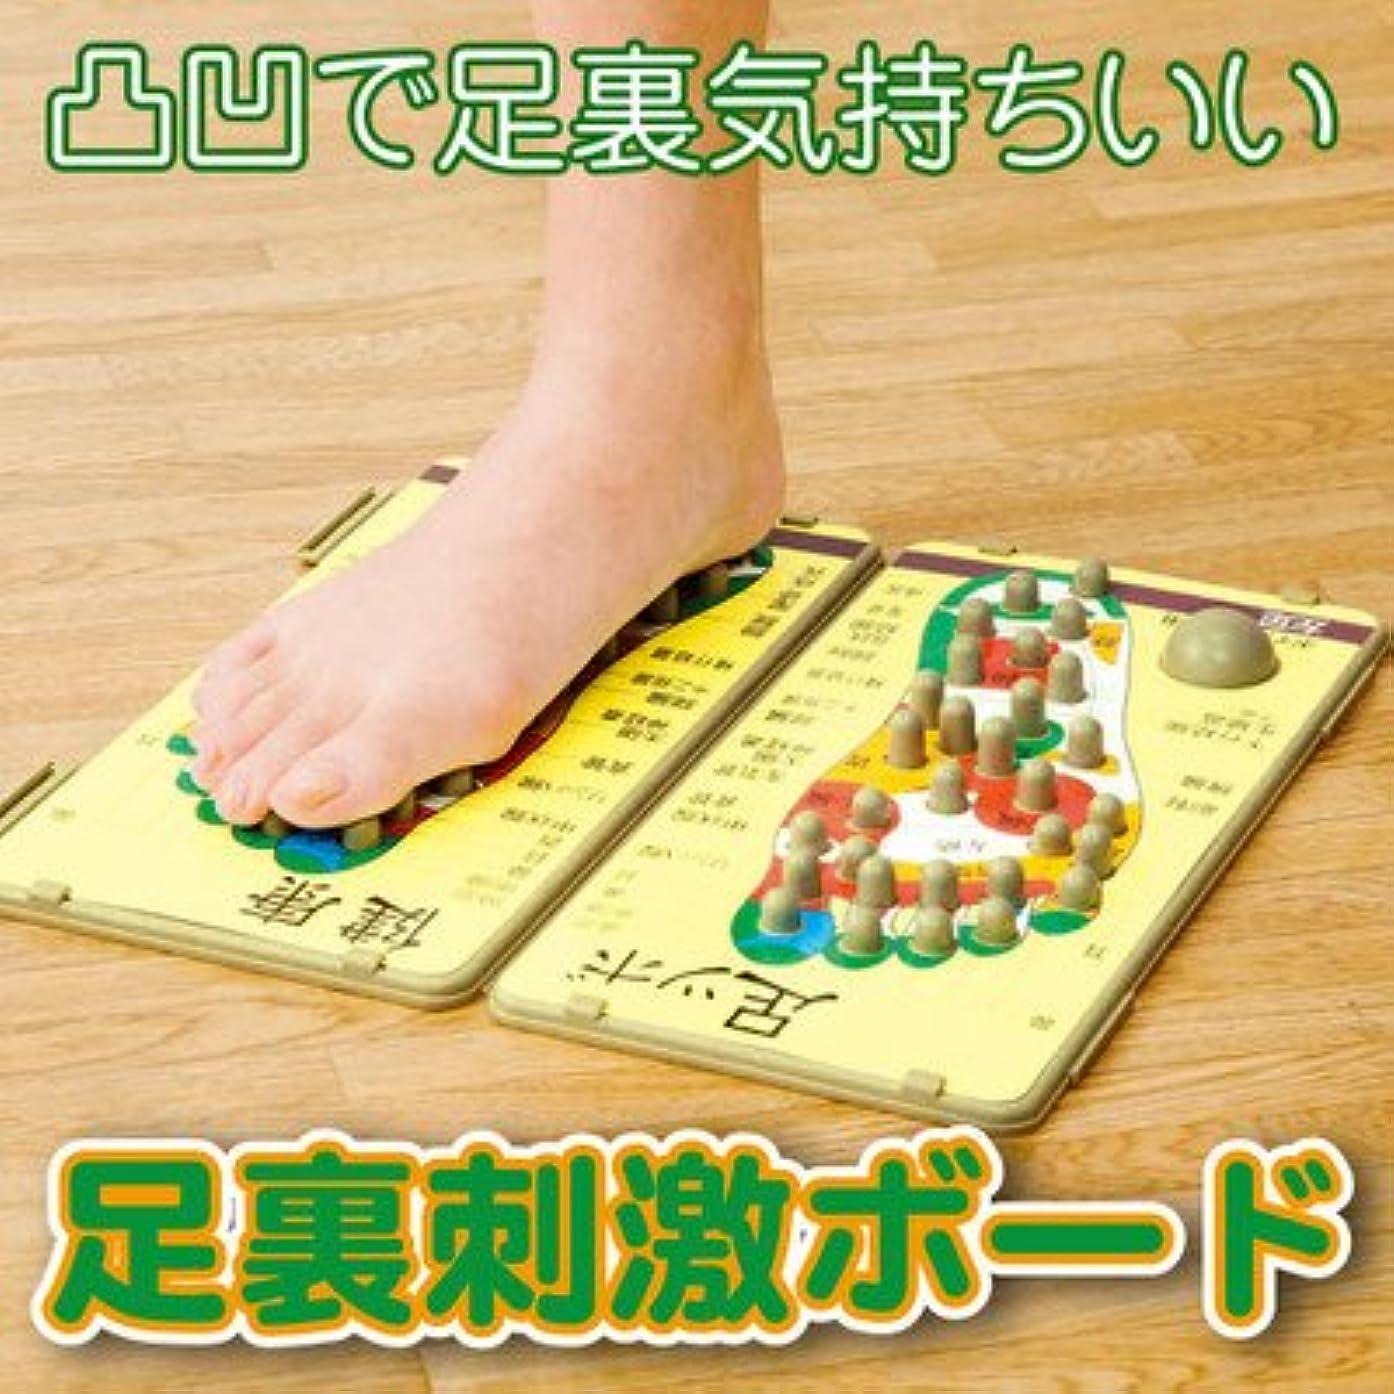 色合い惑星聴覚障害者足裏刺激ボード 足裏刺激で痛気持ちいい